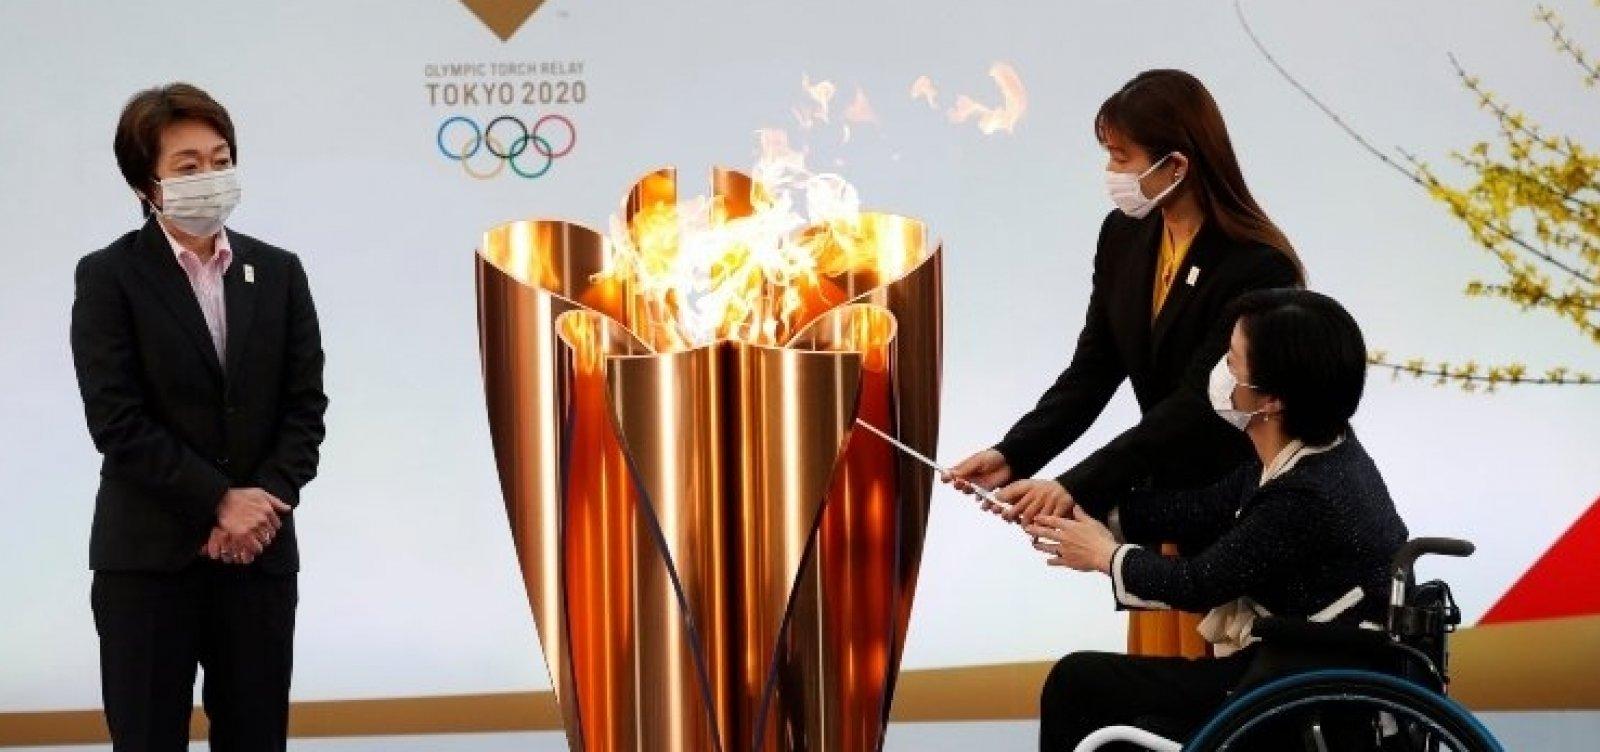 Organizadores dos Jogos Olímpicos confirmam primeiro caso de Covid-19 no revezamento da tocha